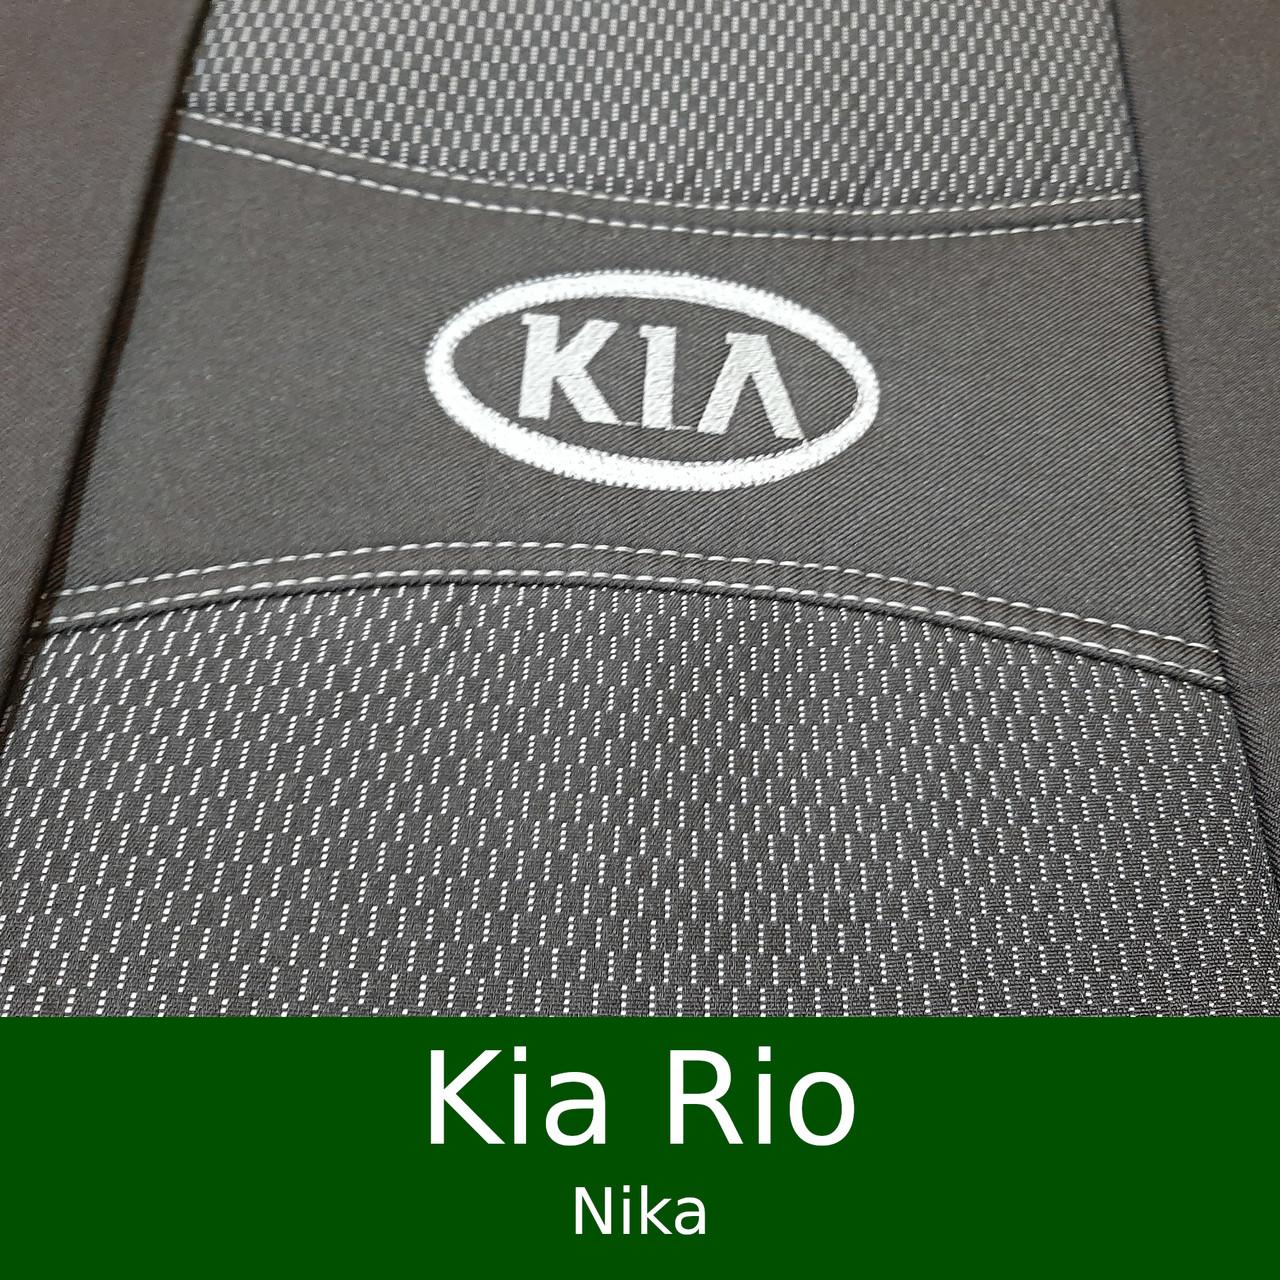 Чехлы на сиденья Kia Rio II, III (Nika)